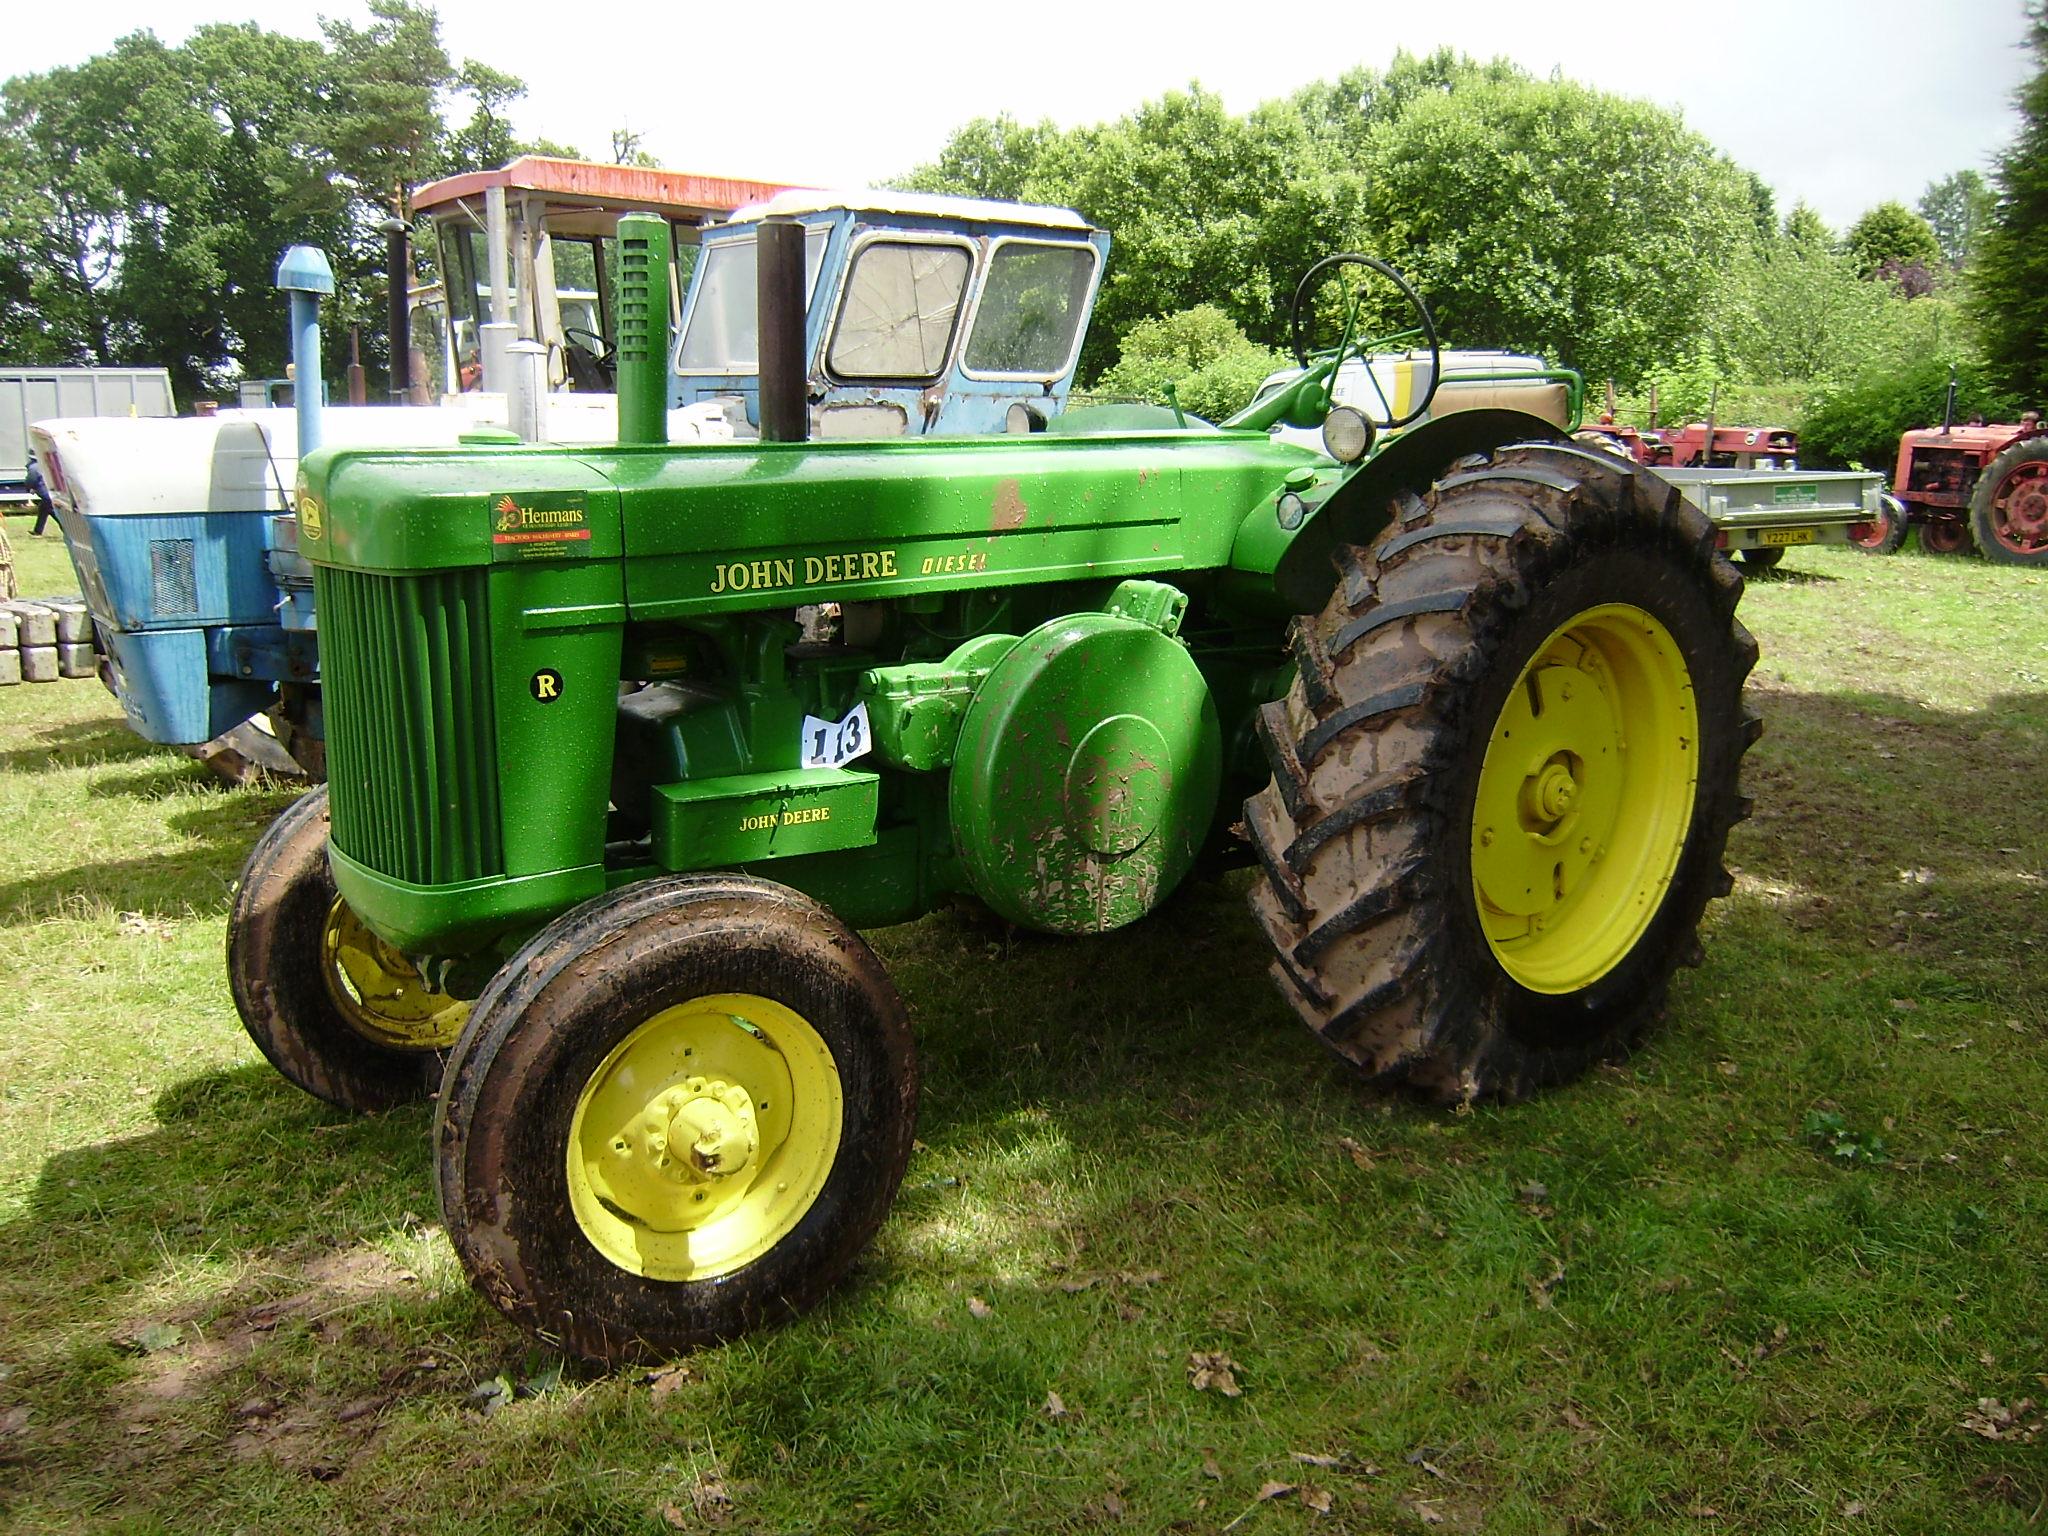 List of John Deere tractors - Tractor & Construction Plant ...